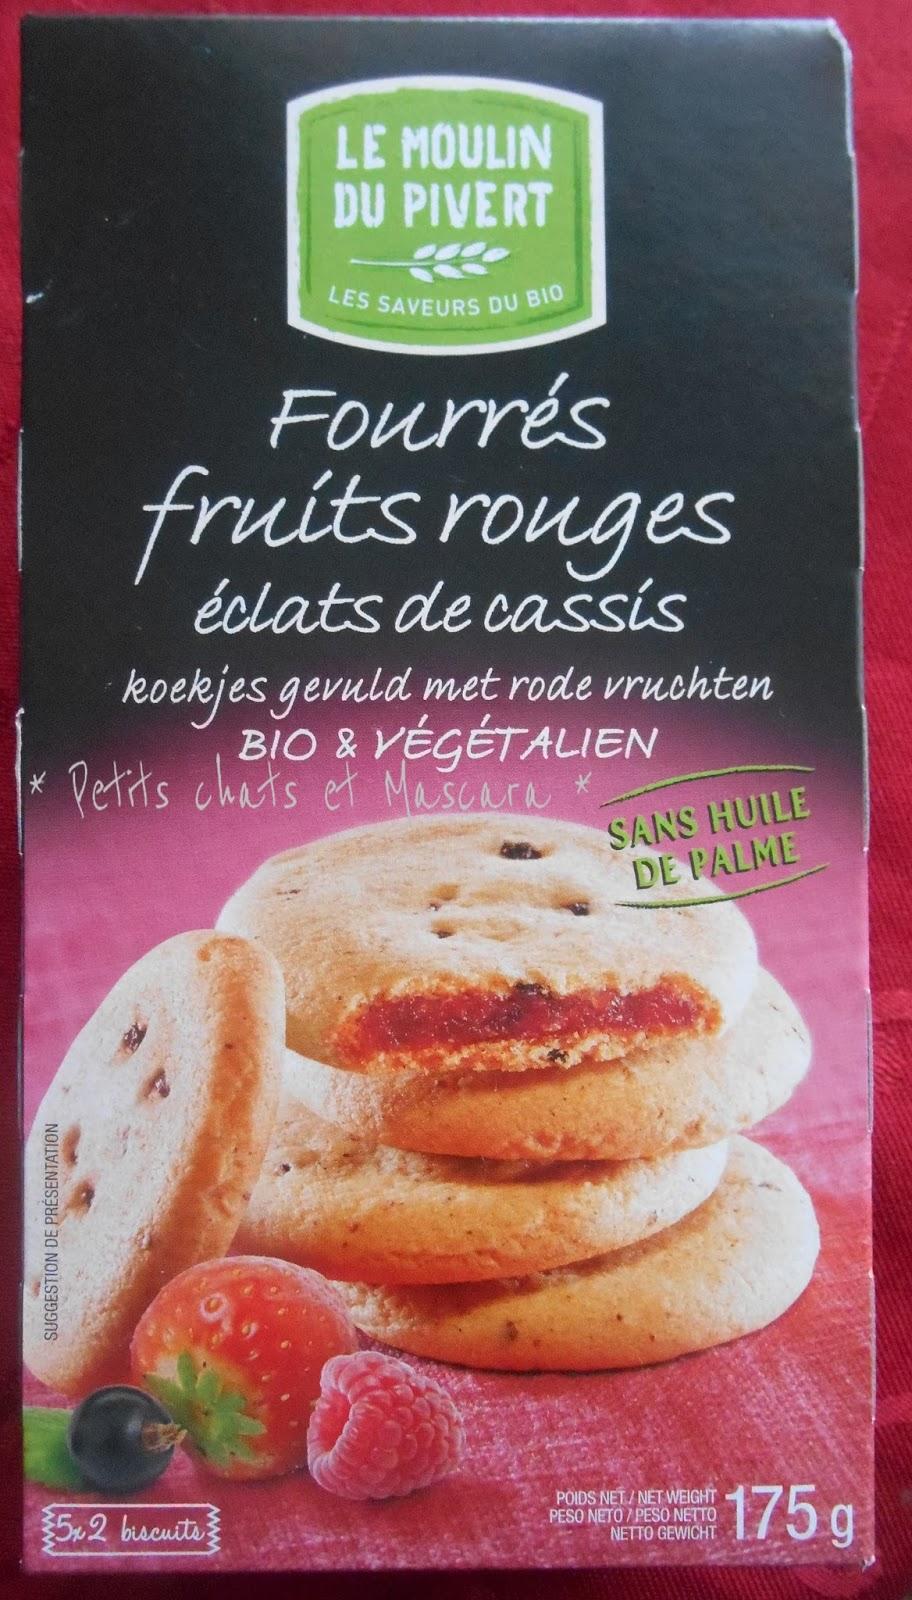 fourrés fruits rouges moulin du pivert